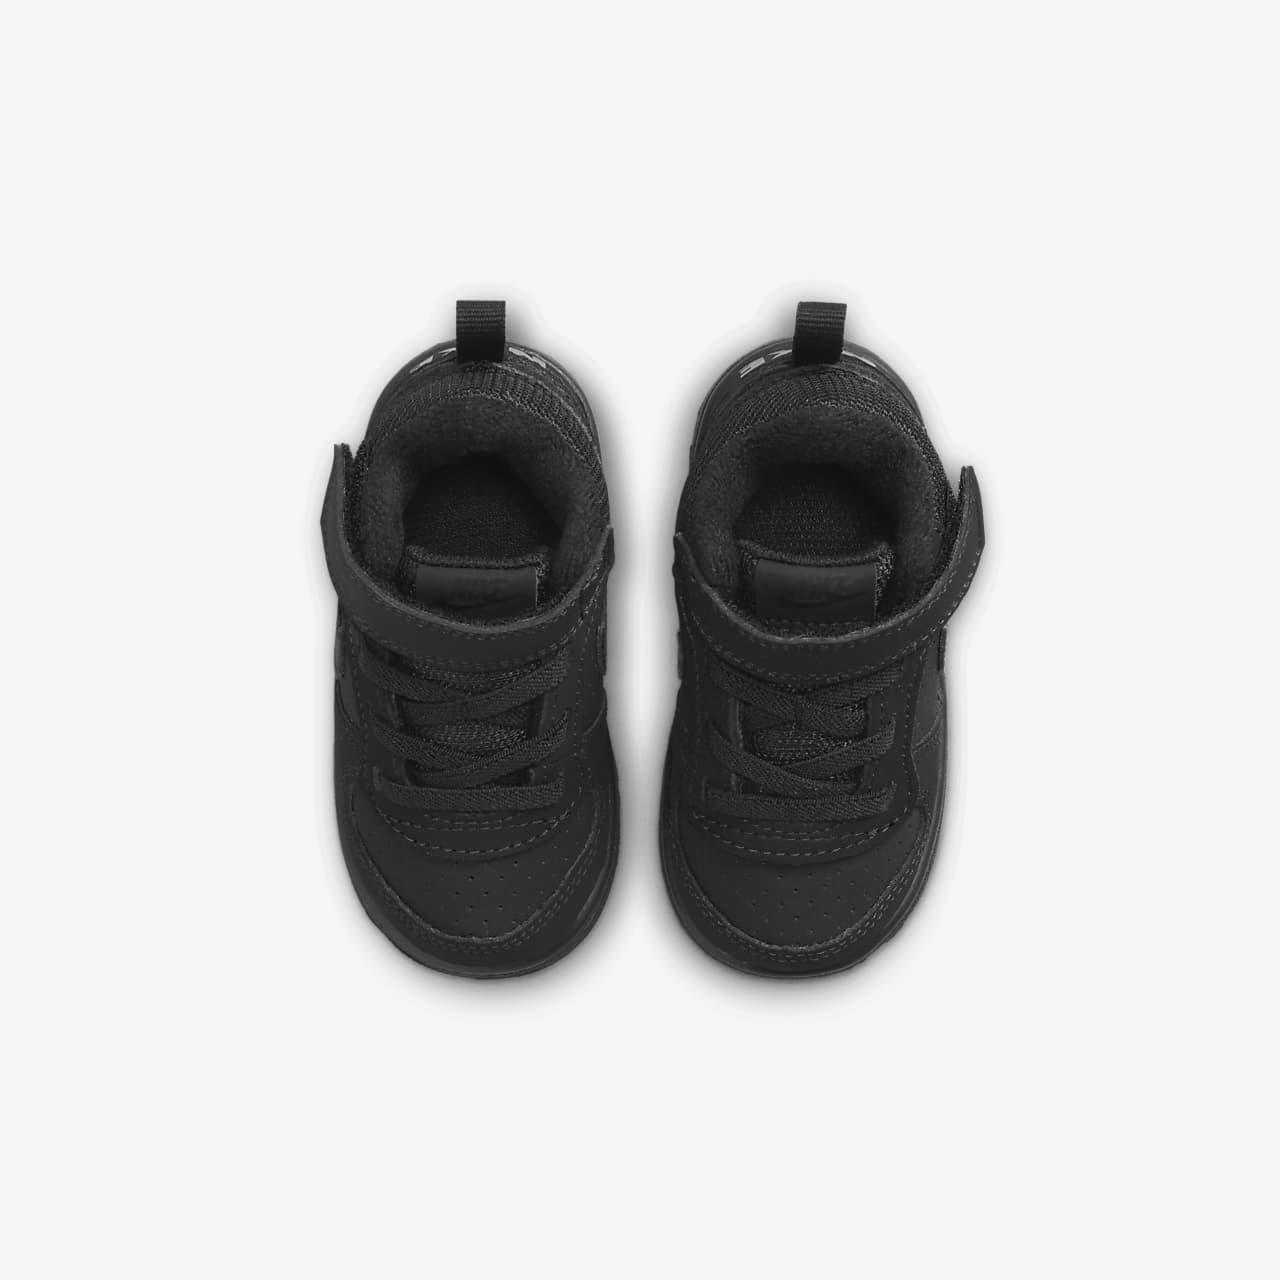 Nikecourt Für Kleinkinder Schuh Und Mid Babys Borough Ov80wNnm